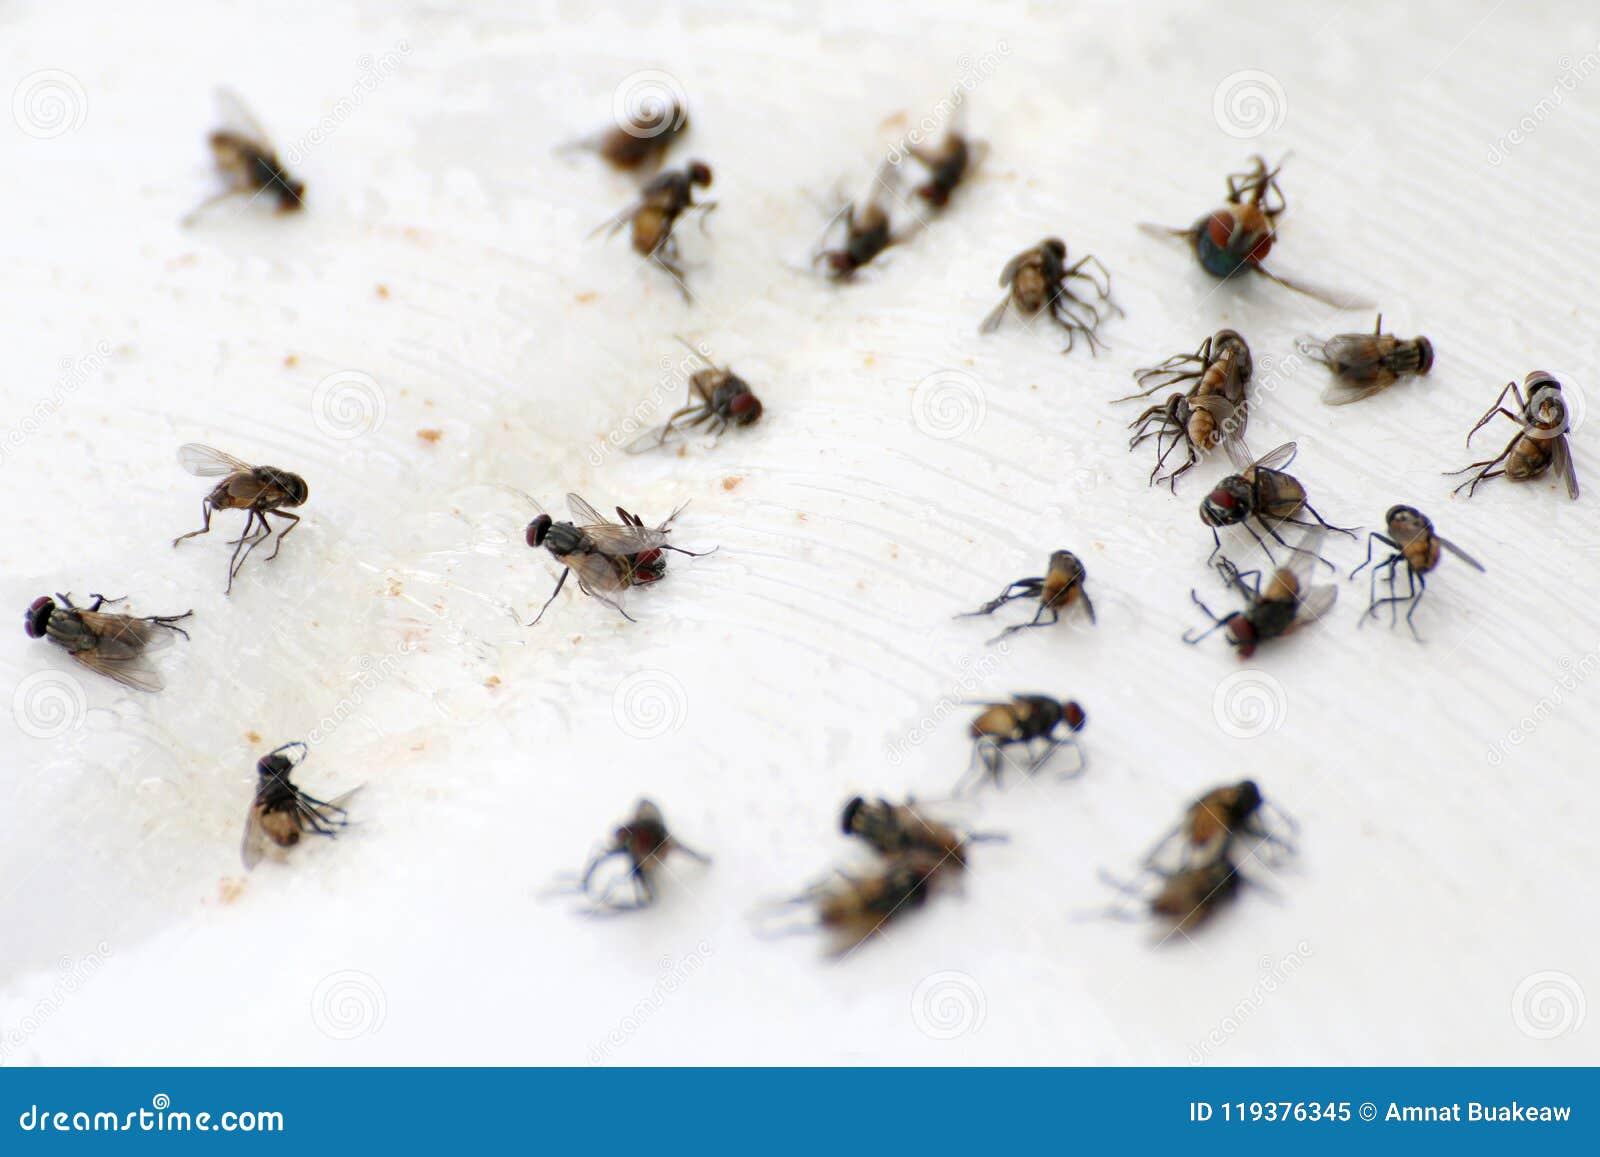 飞行,堆飞行,特写镜头飞行大多数在白色地面飞行死的许多,飞行是肠热症结核病载体